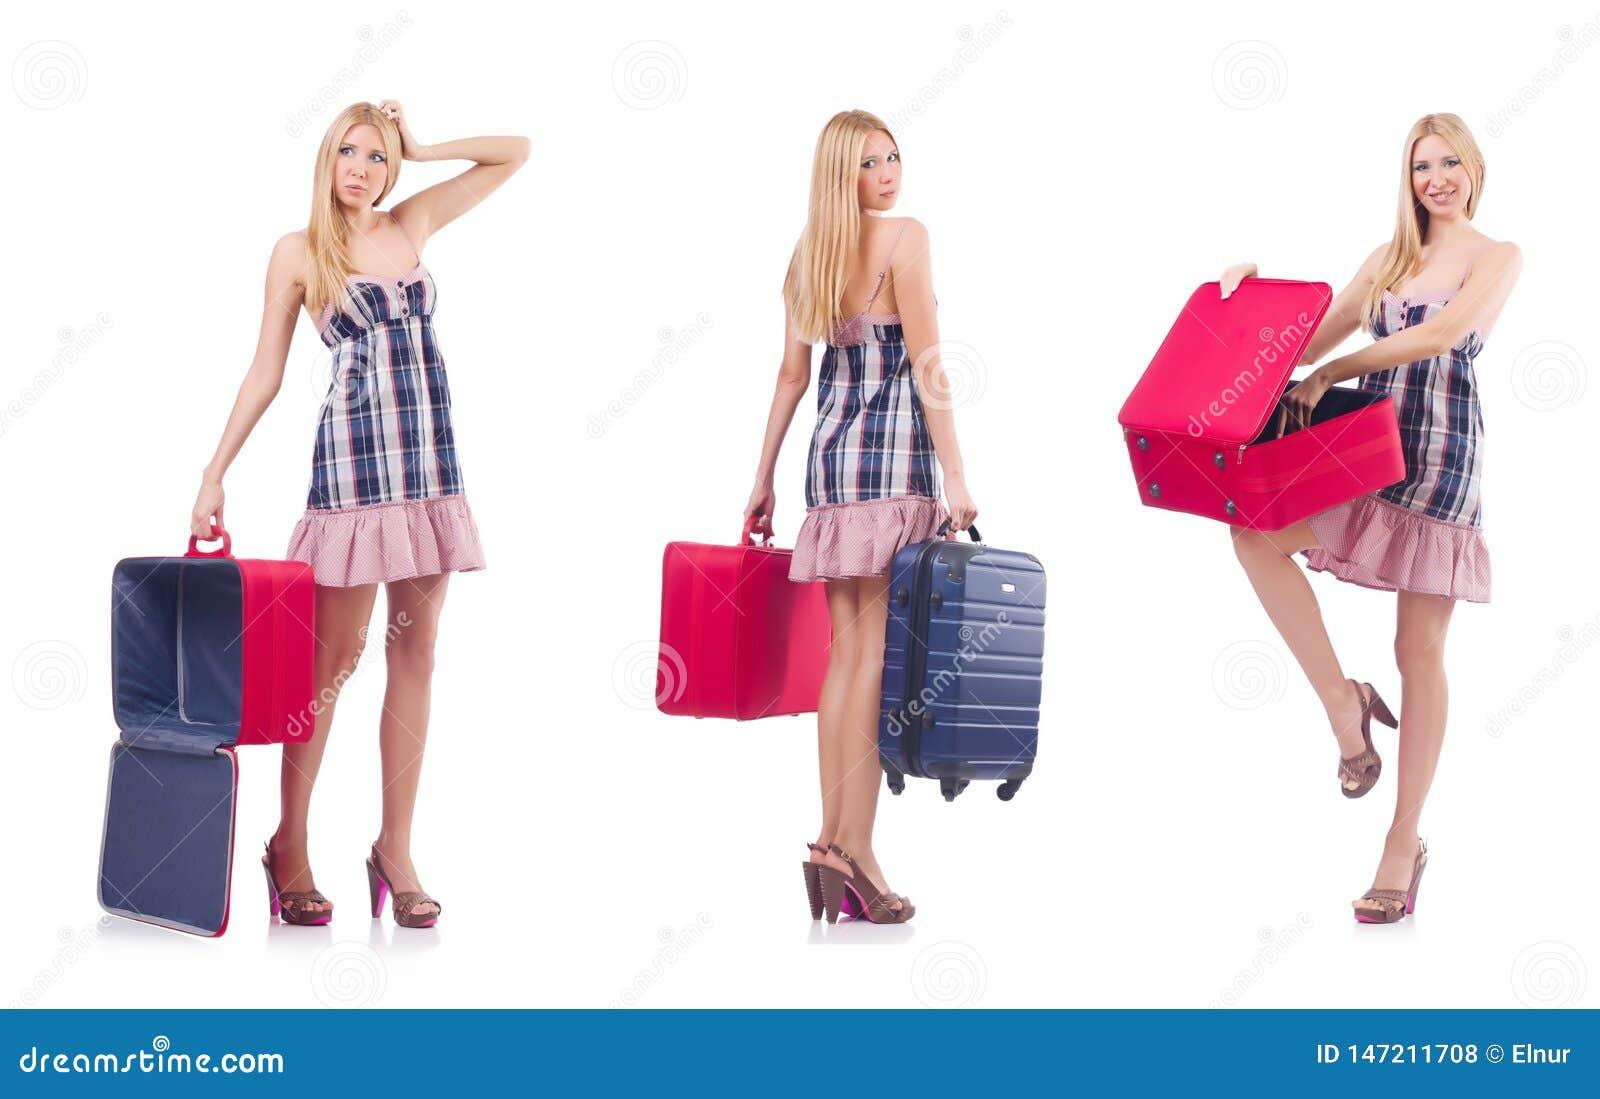 Pi?kna kobieta z walizk? odizolowywaj?c? na bielu